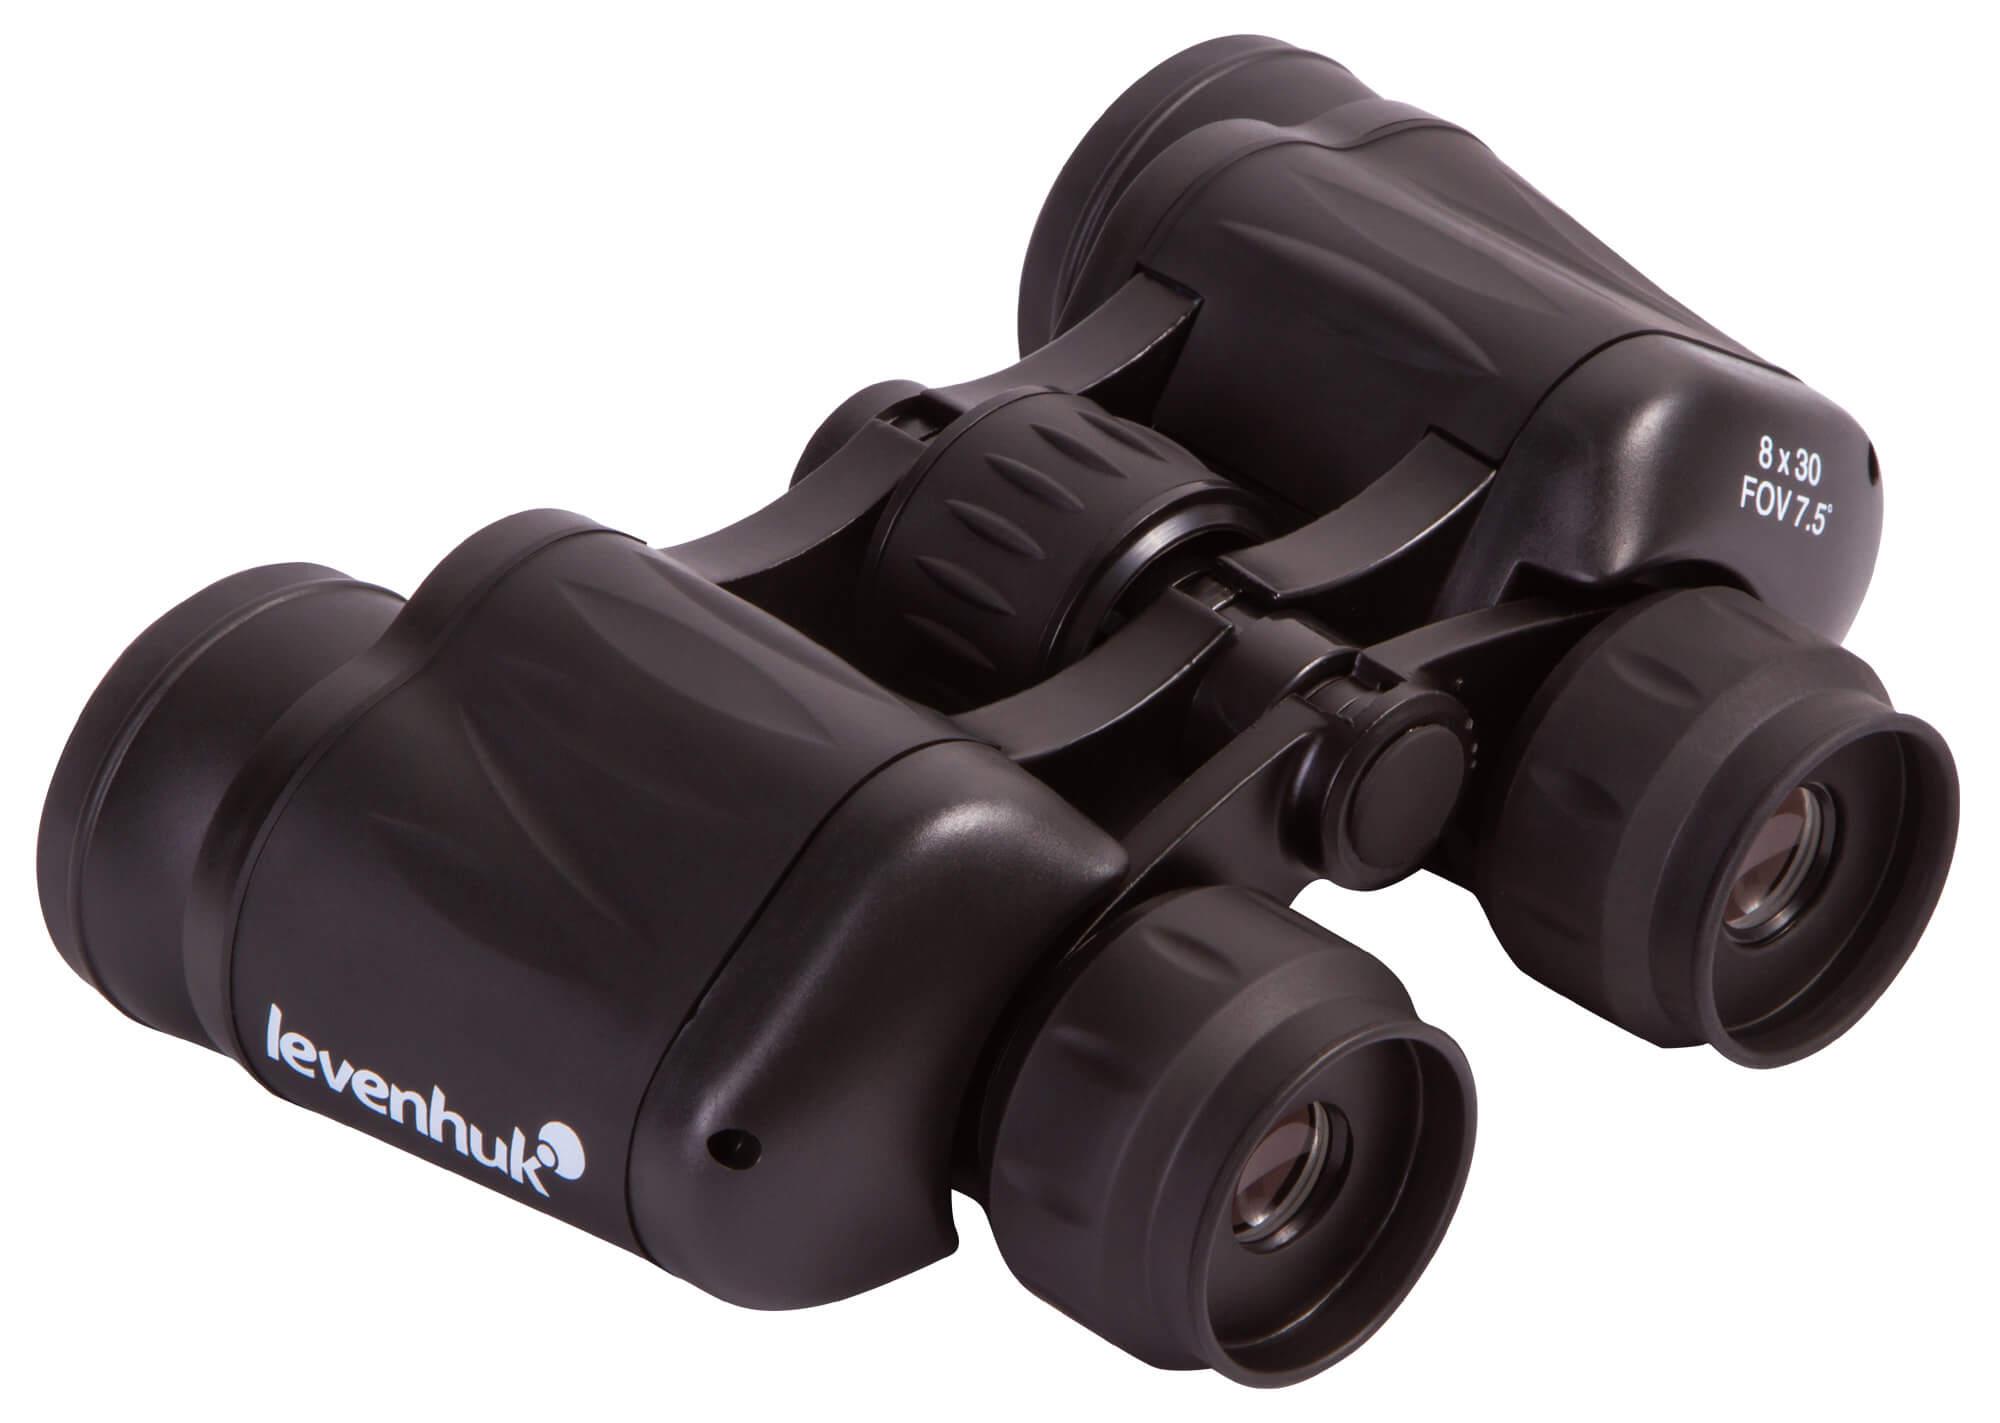 Levenhuk Atom 8x30 Binoculars